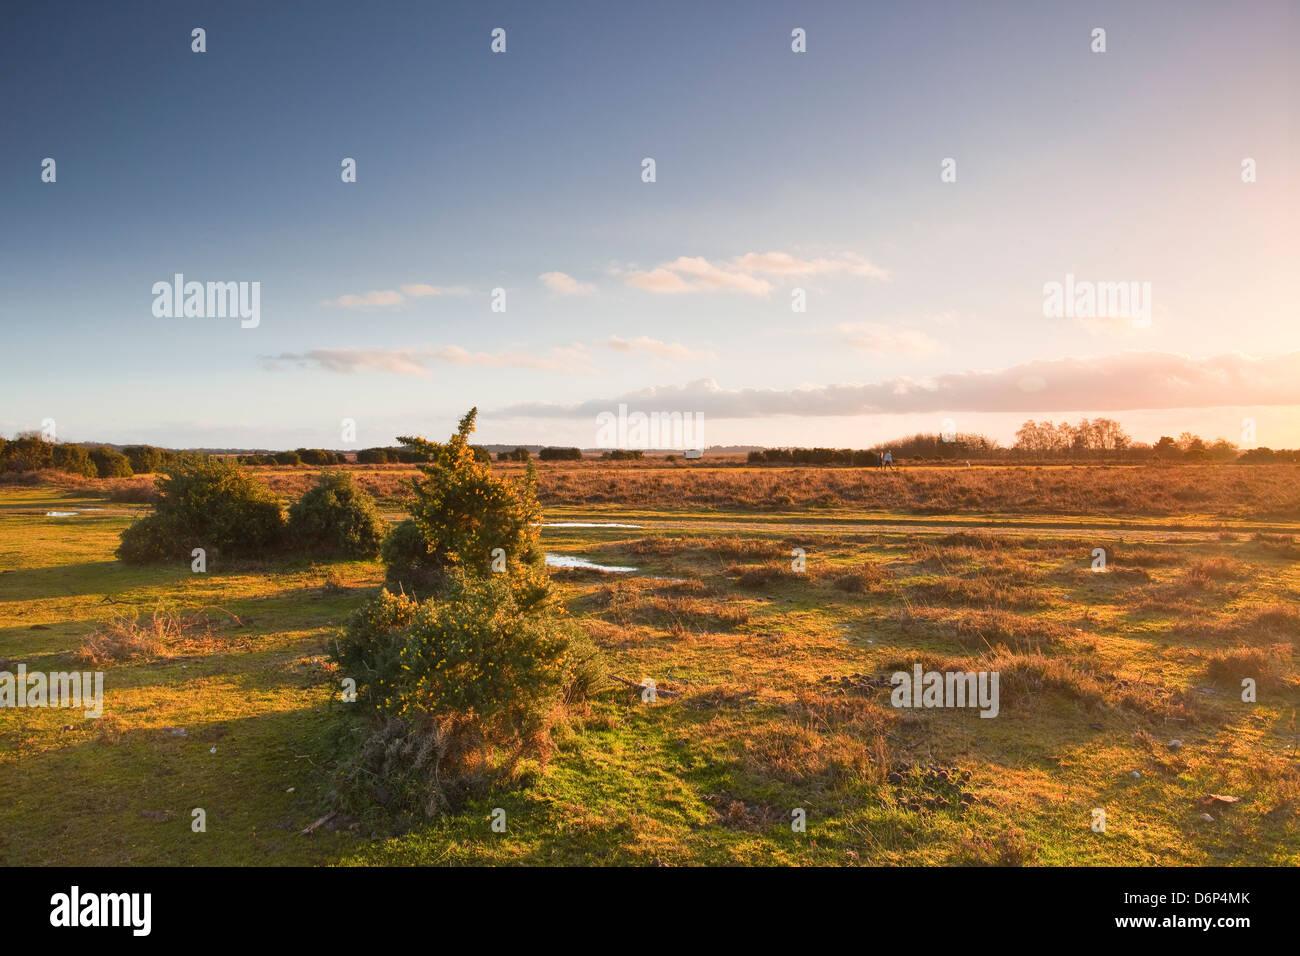 La brughiera di nuova foresta alla fine di una giornata invernale e, Hampshire, Inghilterra, Regno Unito, Europa Immagini Stock